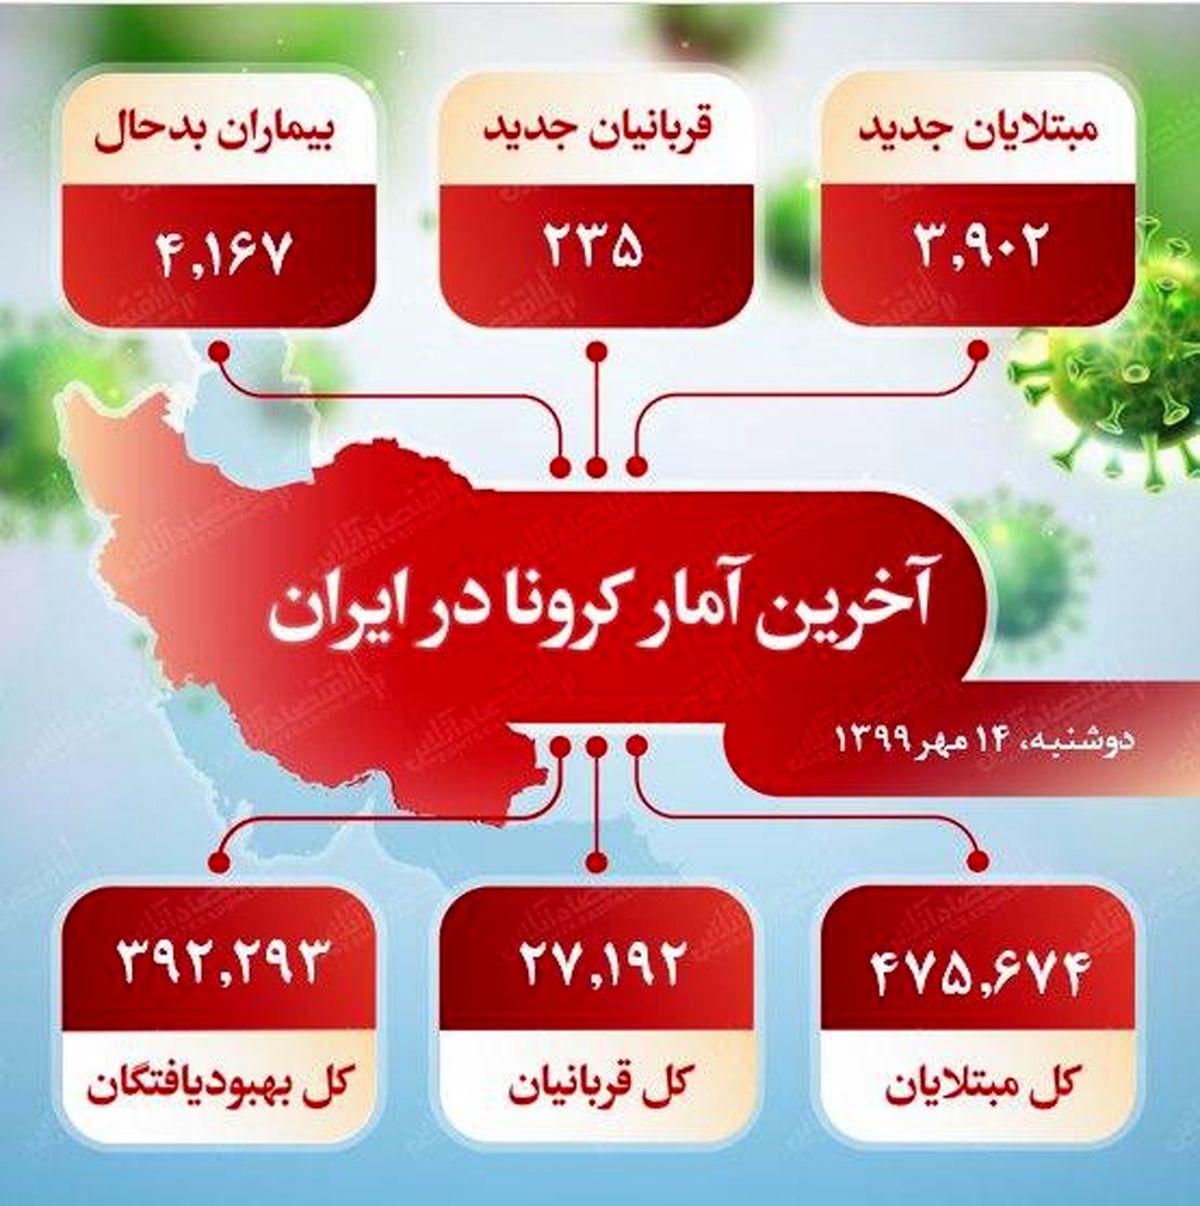 آخرین آمار کرونا در ایران (۱۳۹۹/۷/۱۴)